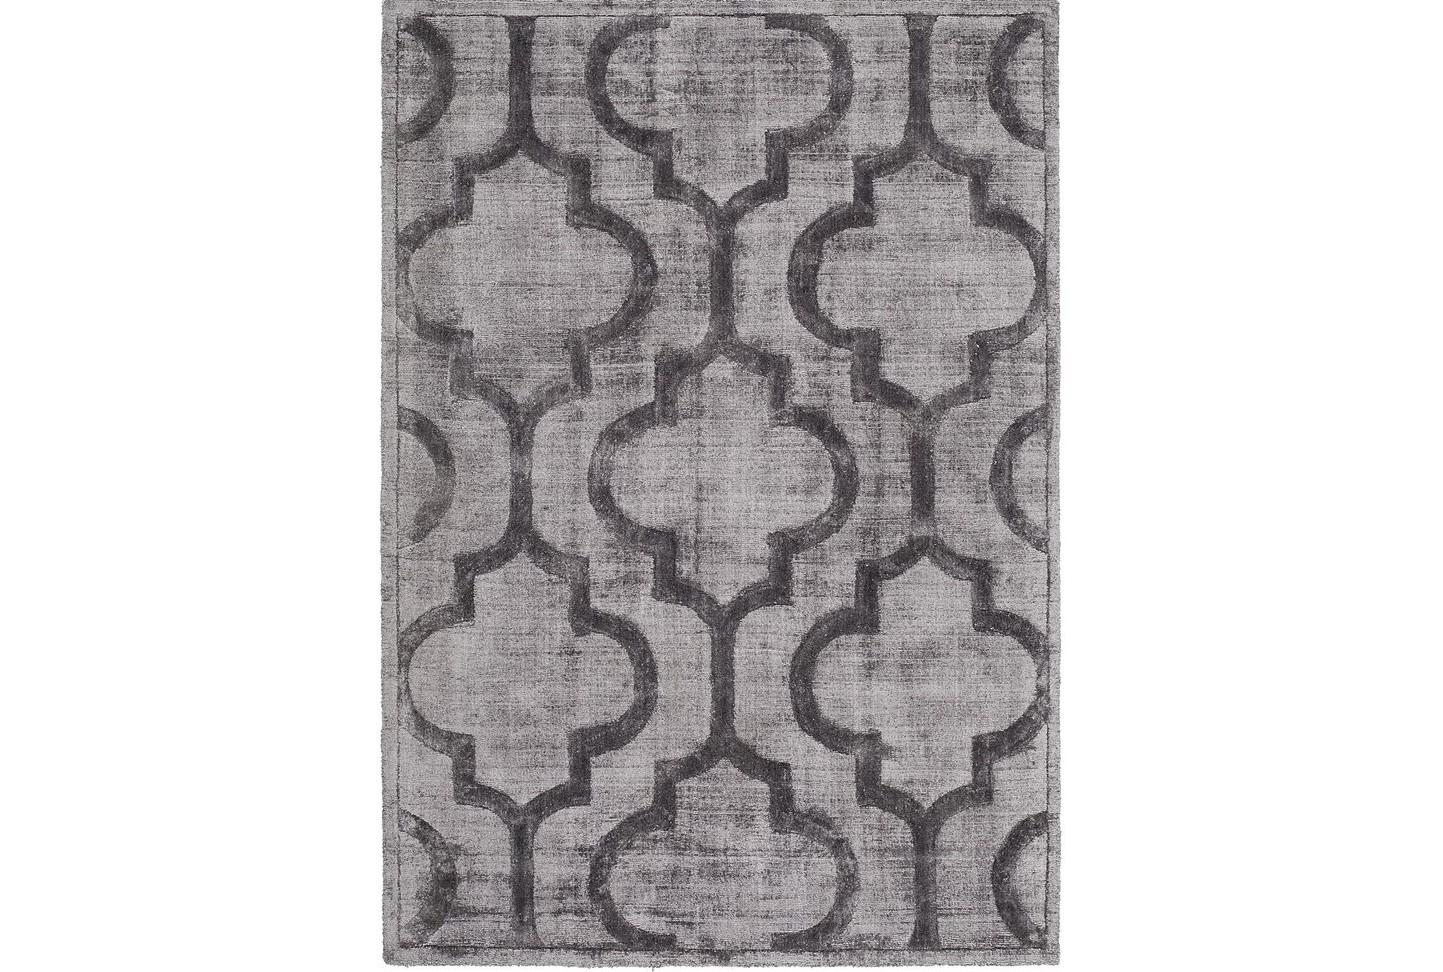 Ковер Eternity 80х150Прямоугольные ковры<br>Мягкие и шелковистые ковры ручной работы, очень красиво блестят и переливаются в зависимости от освещения в интерьере. При дневном освещении оттенок может быть бледнее, при искусственном более насыщенным.&amp;lt;div&amp;gt;&amp;lt;br&amp;gt;&amp;lt;/div&amp;gt;&amp;lt;div&amp;gt;Основа - хлопок.&amp;lt;/div&amp;gt;<br><br>Material: Шерсть<br>Ширина см: 80<br>Глубина см: 150